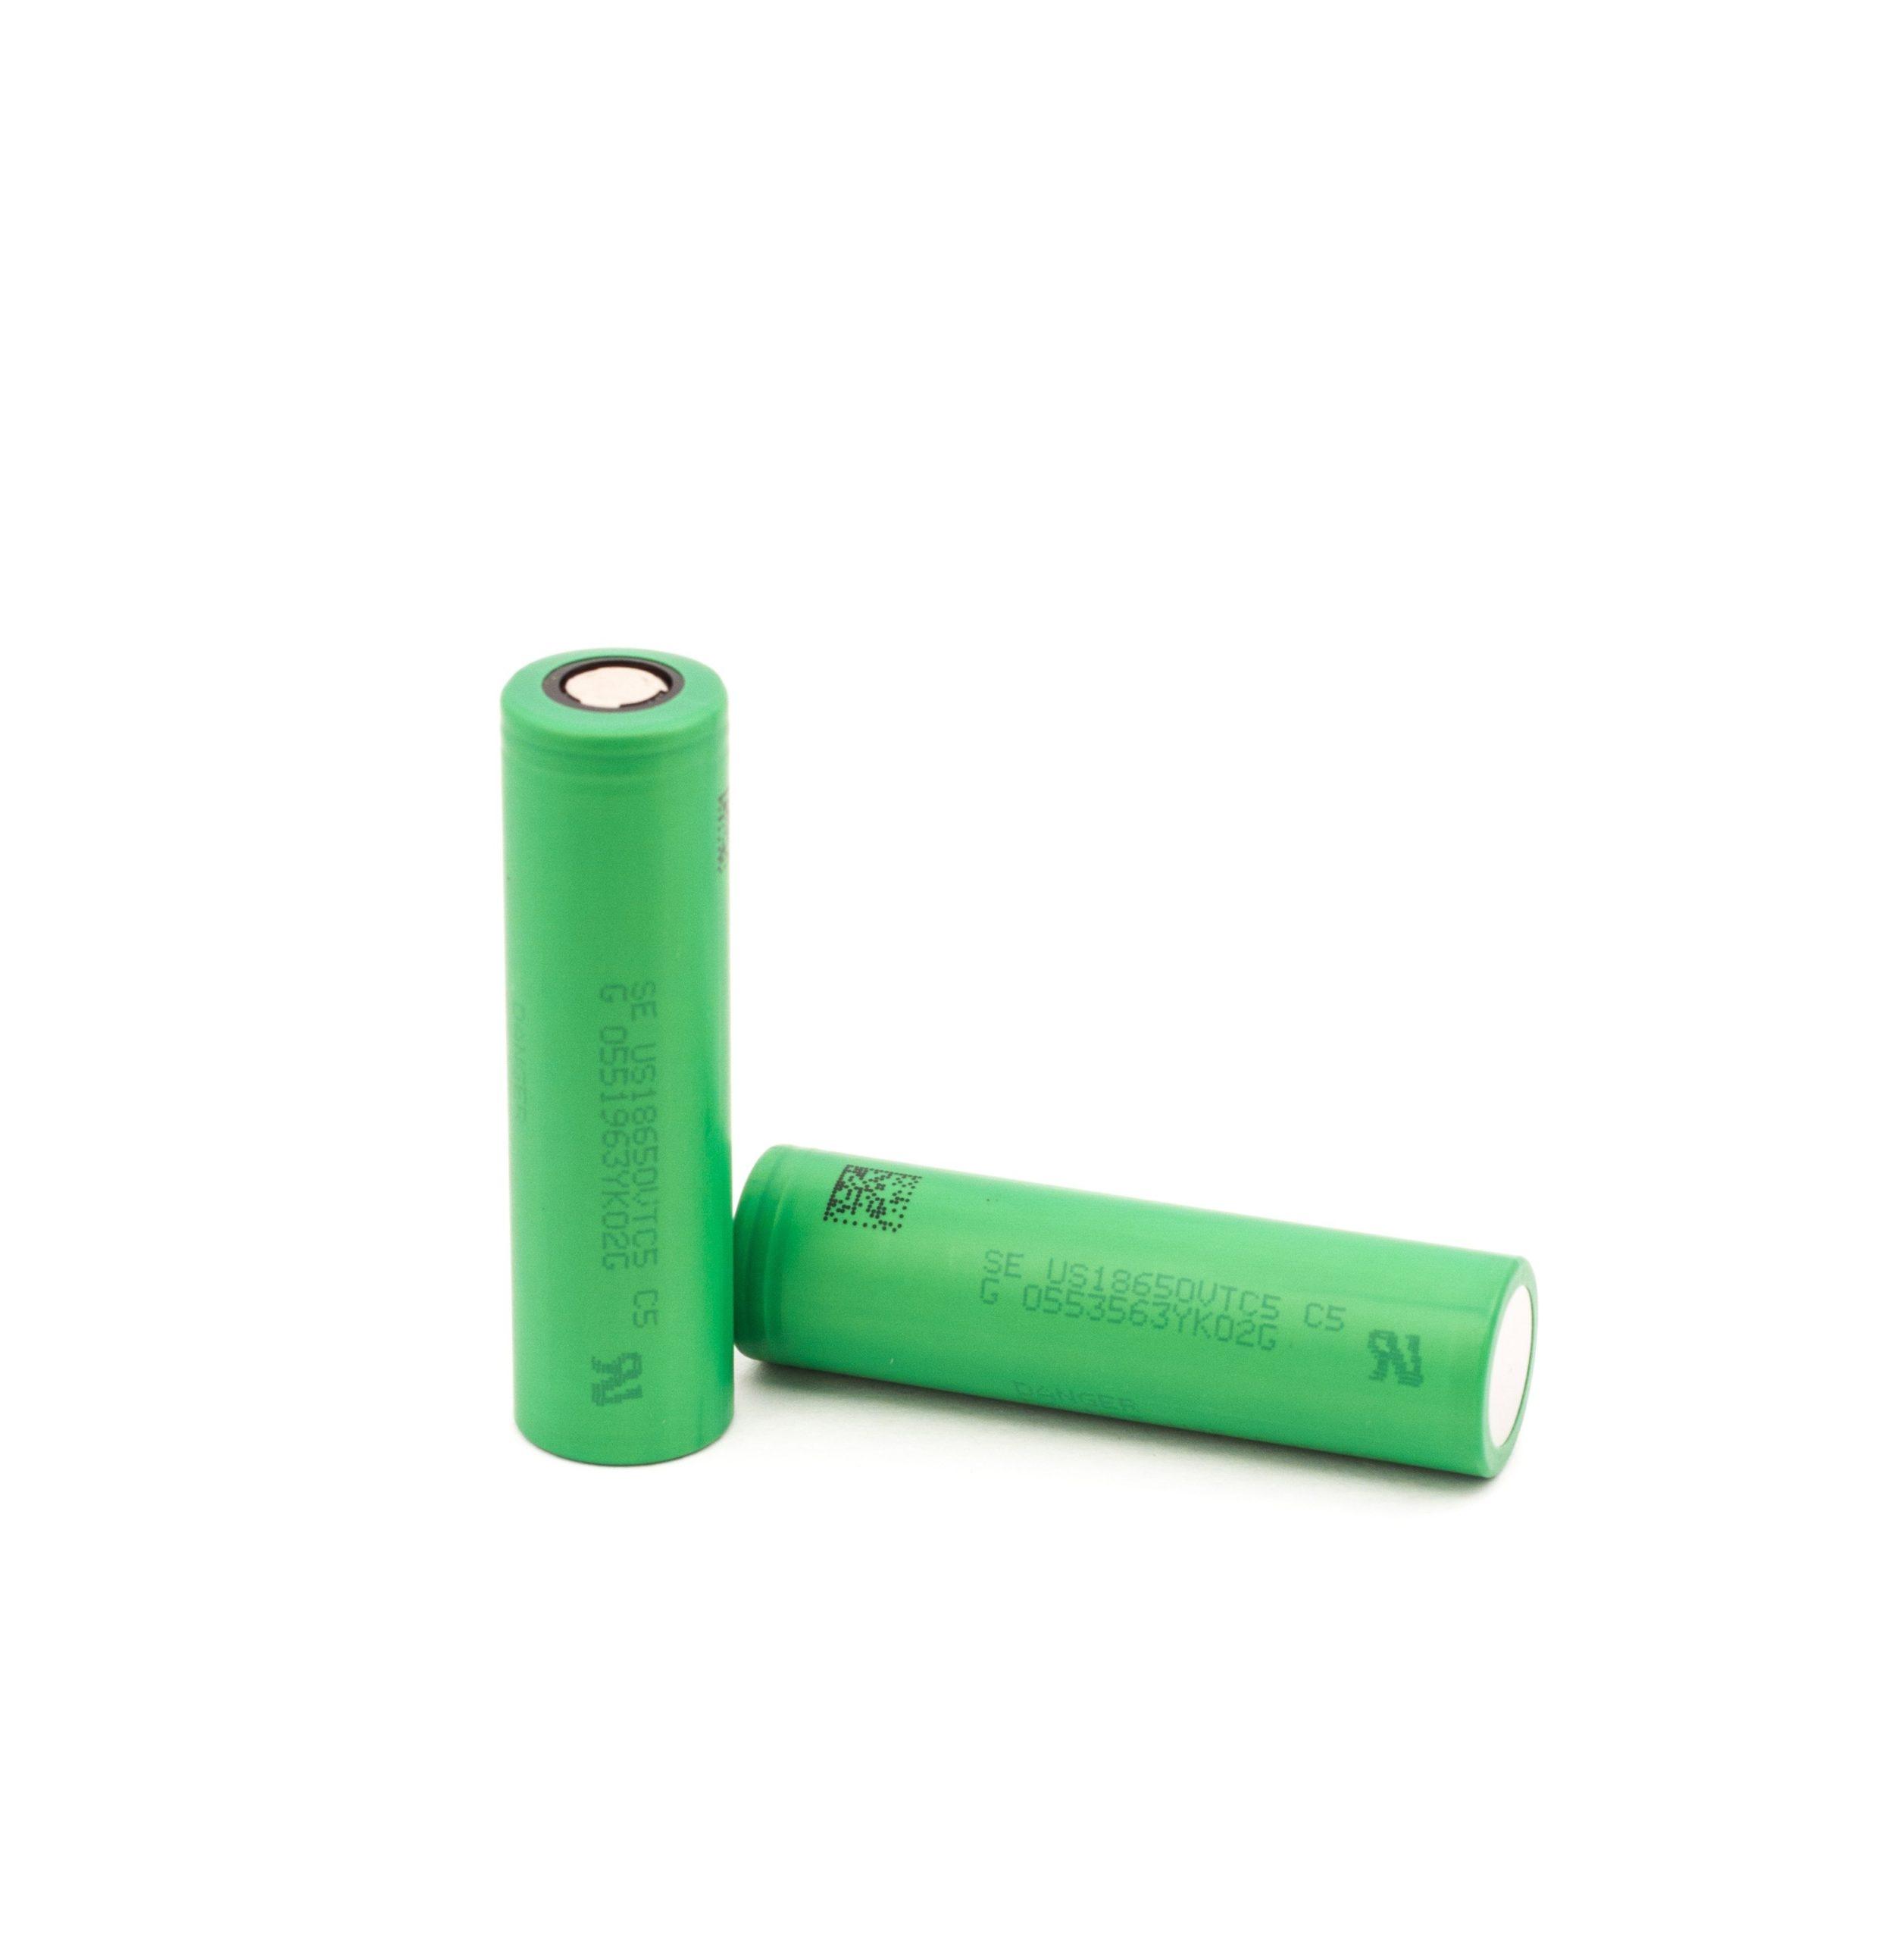 De Sony Konion US18650 VTC5 is een flat top batterij met vermogen van 2600mAh en rating van 30A.